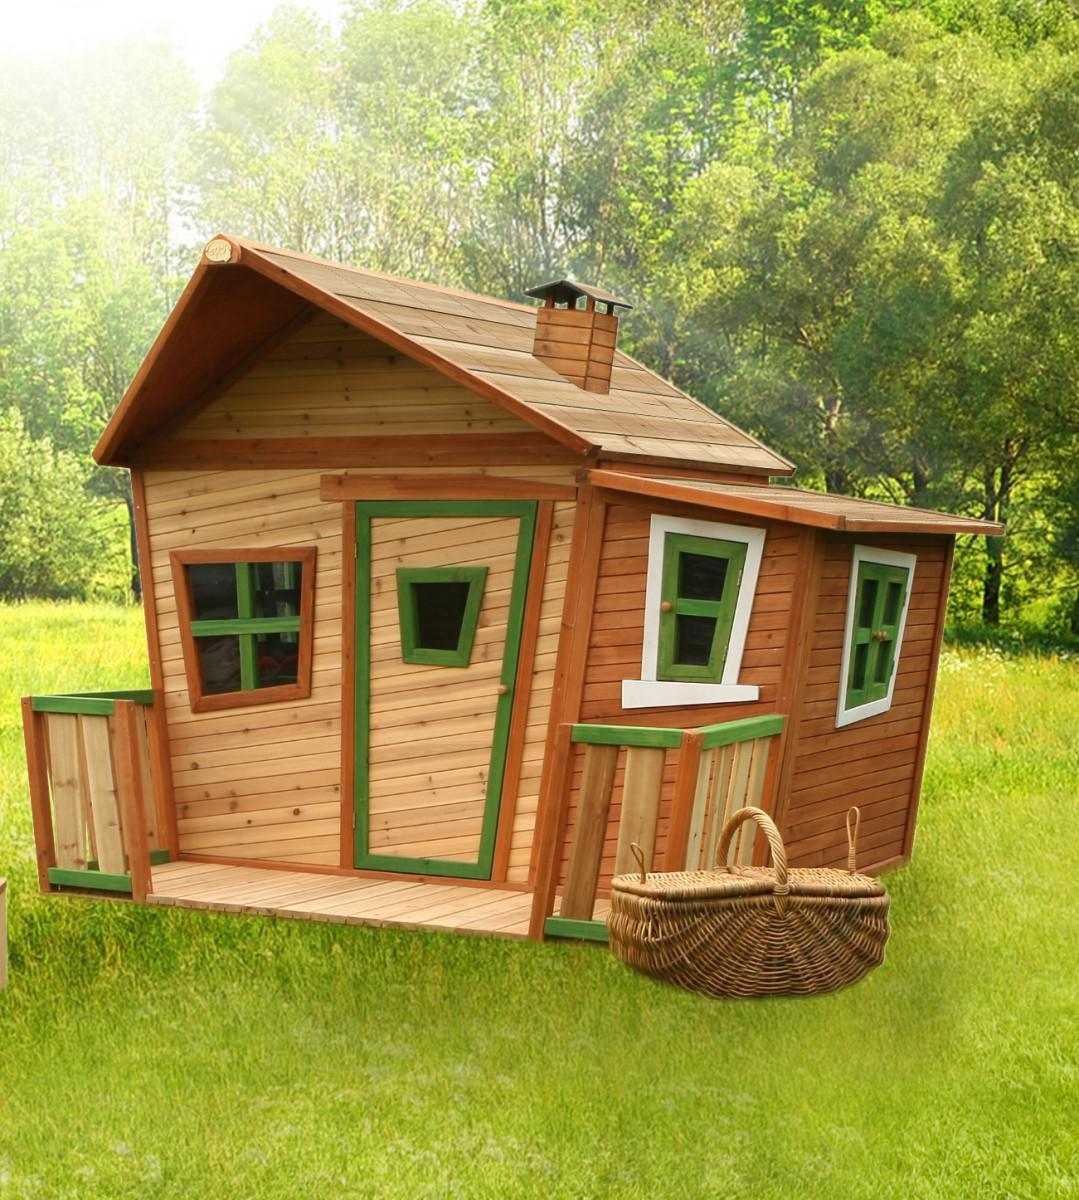 spielhaus kinder tisch und bnken kunststoff spielhaus fr. Black Bedroom Furniture Sets. Home Design Ideas